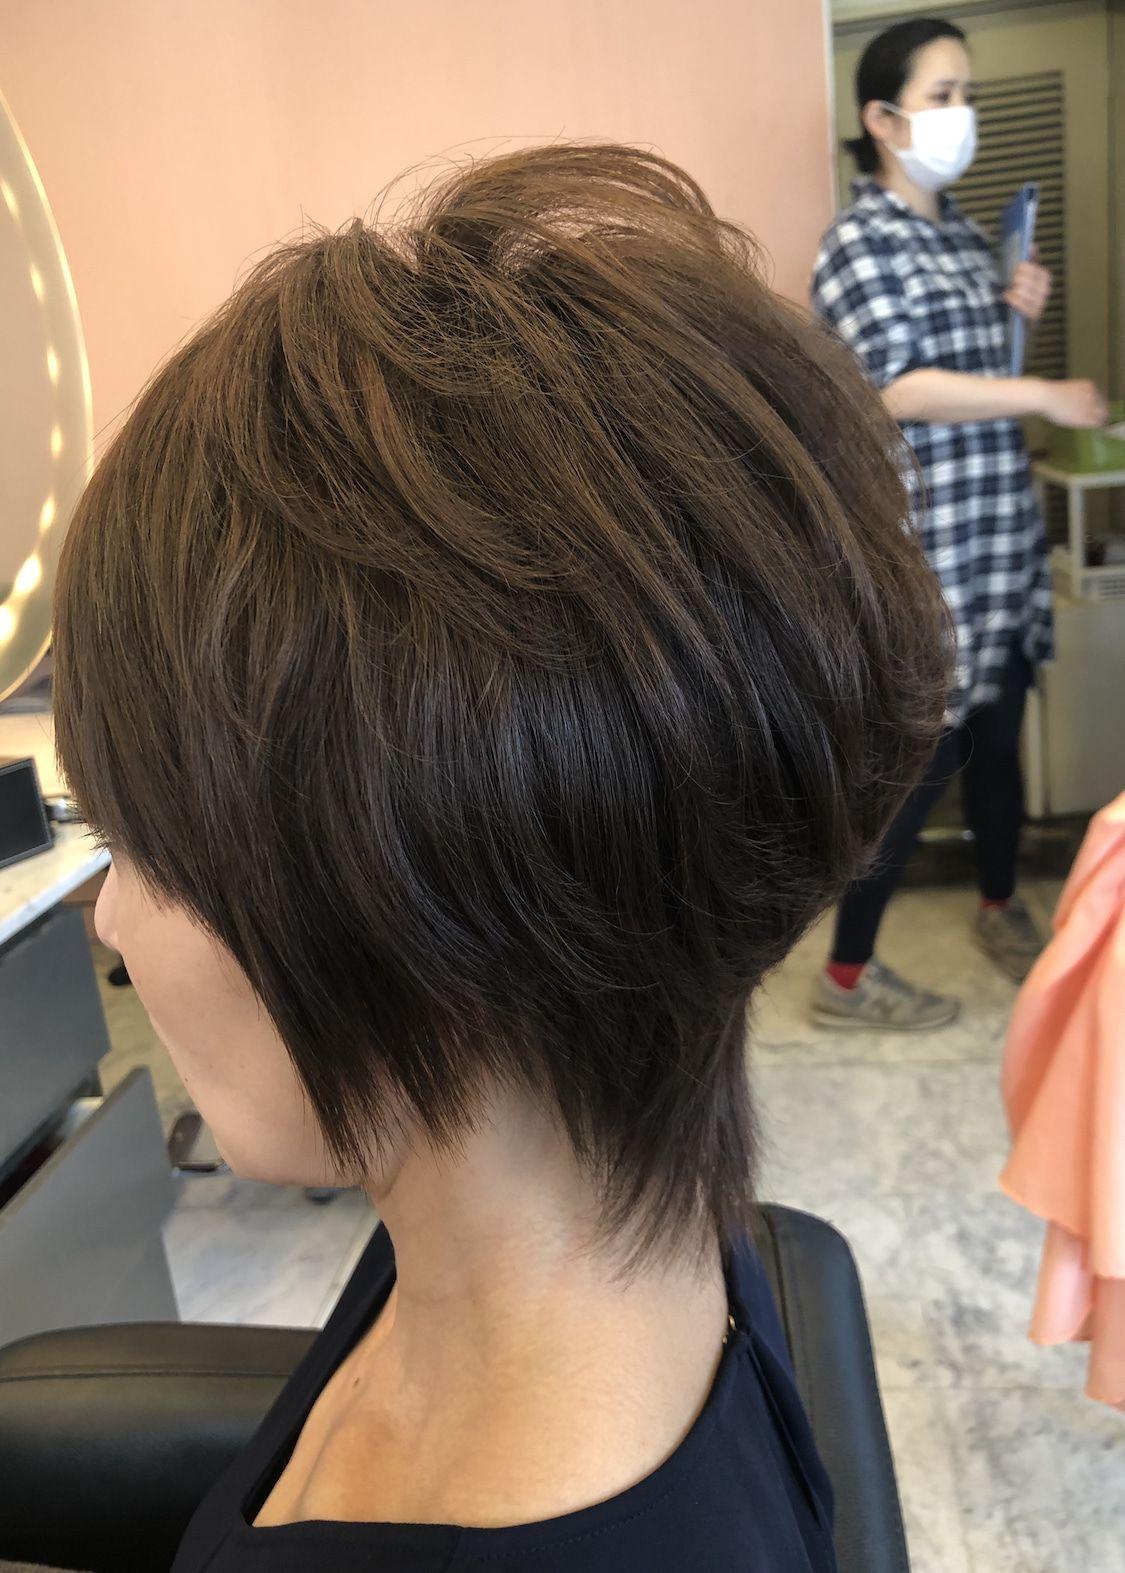 40代50代60代ヘアスタイル髪型 ショート 60代 ヘアスタイル ヘアスタイル 髪型